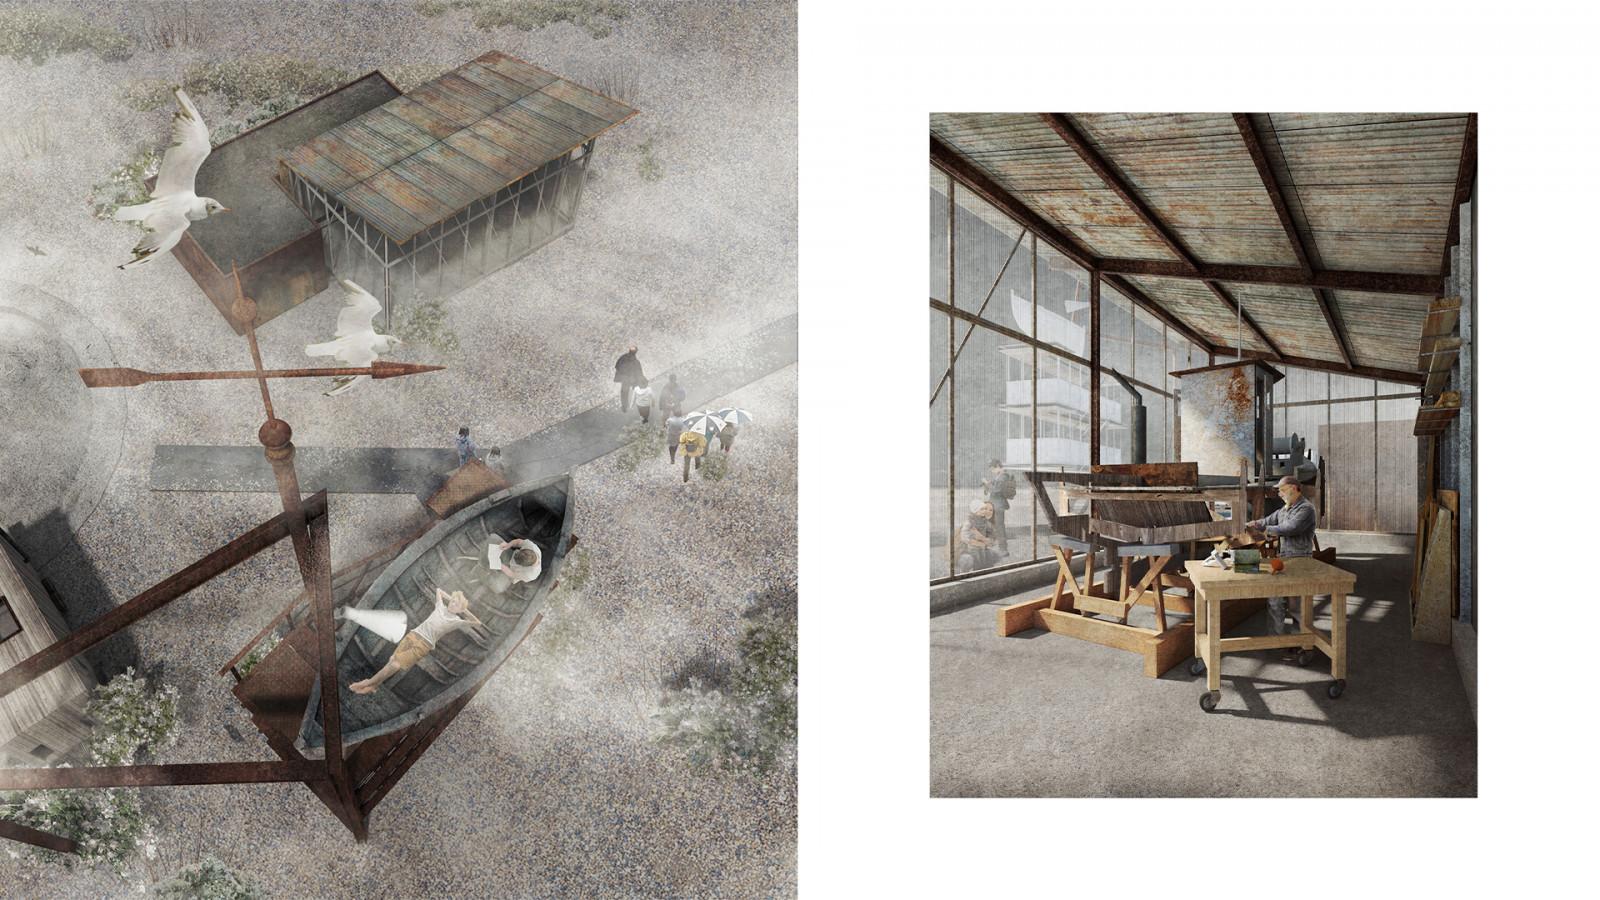 Zheng Xu work image